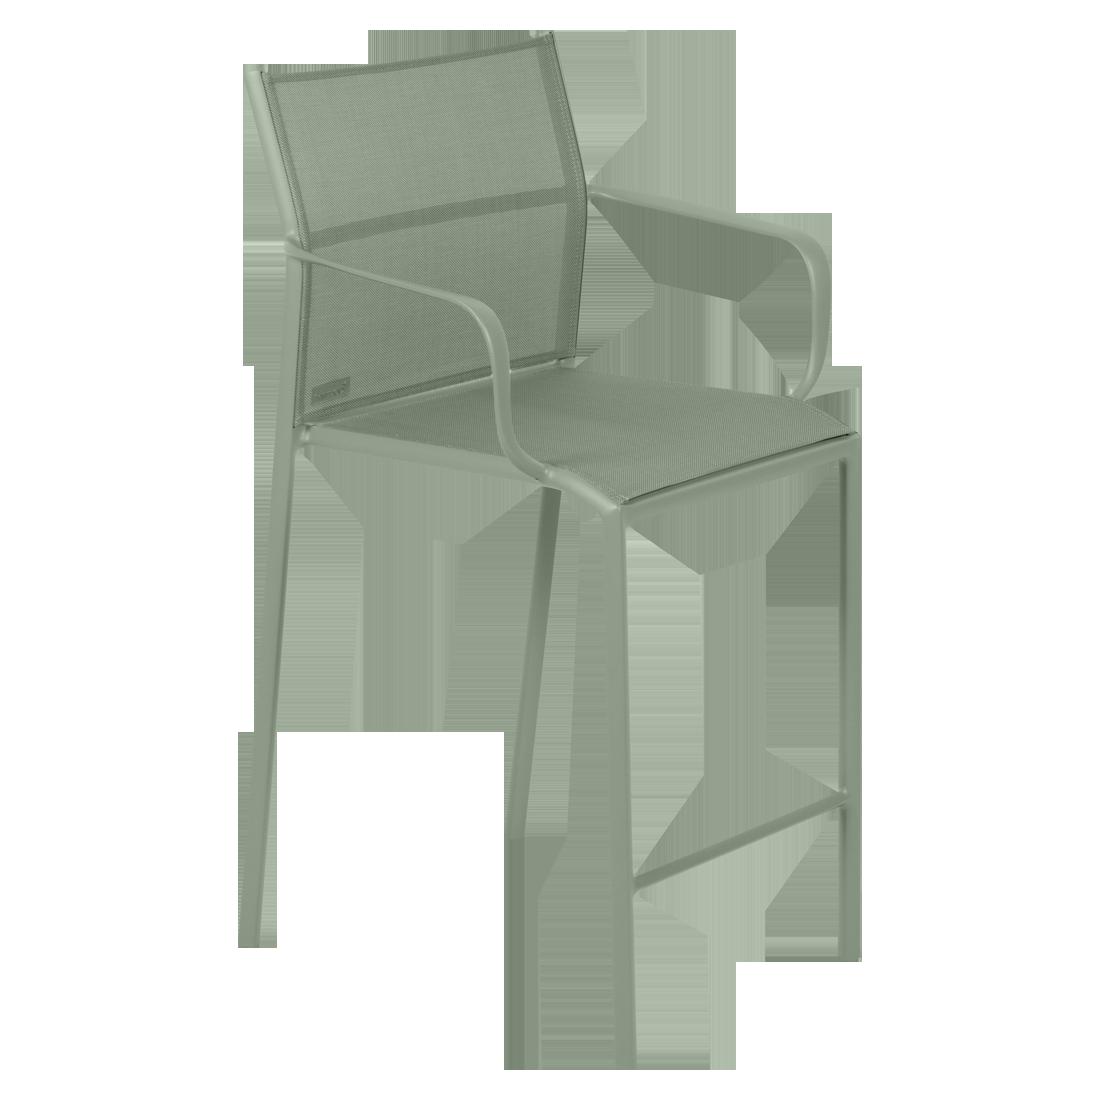 fauteuil de jardin avec accoudoirs, fauteuil avec accoudoirs en métal et toile cactus